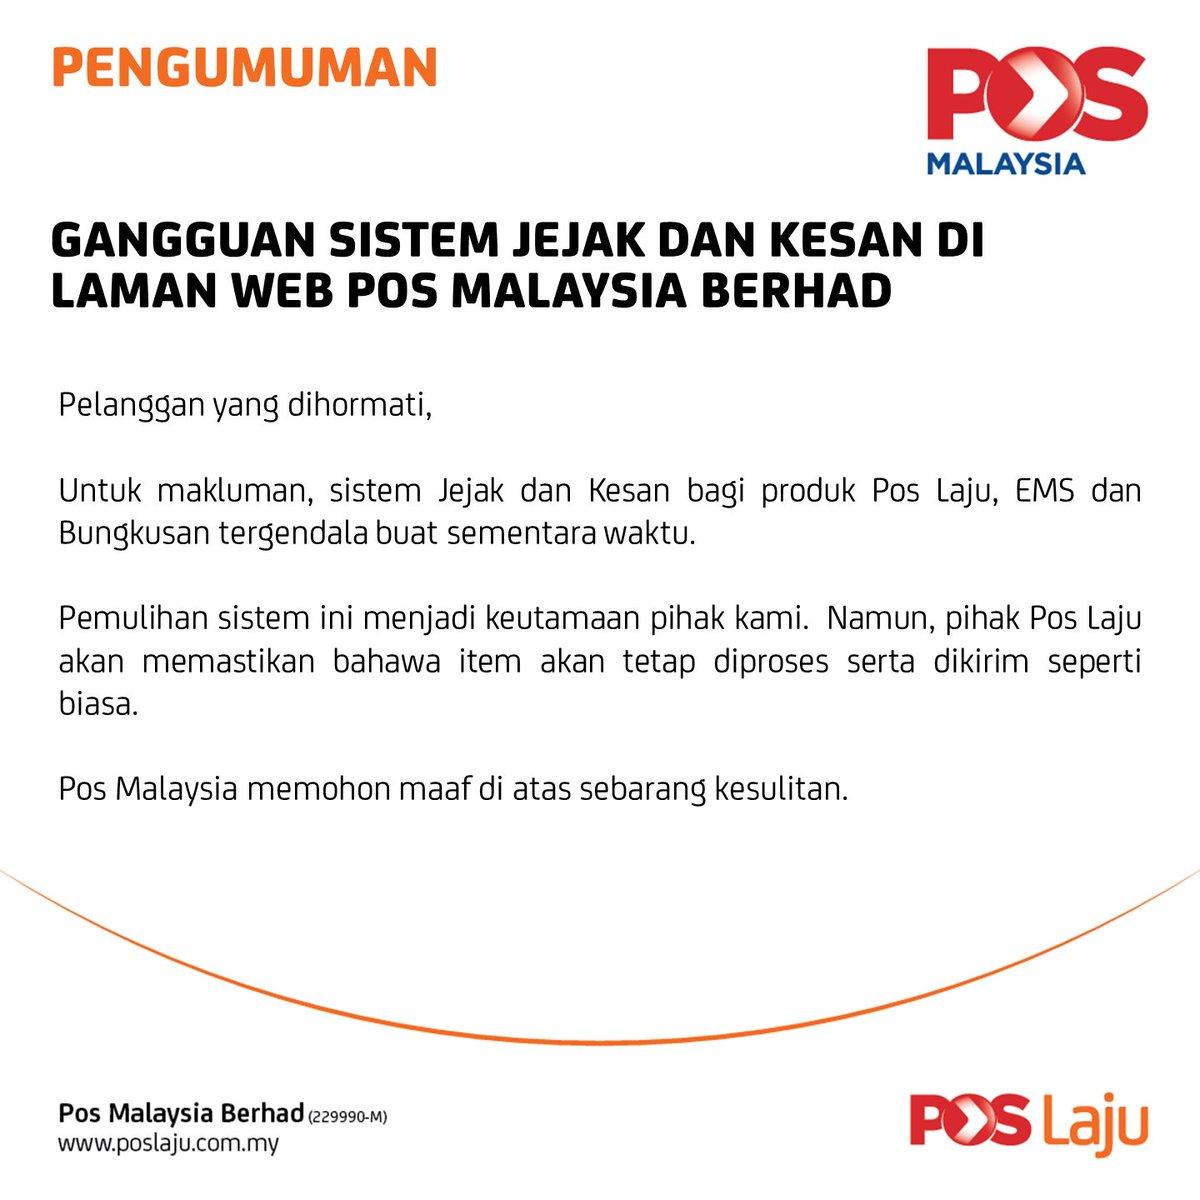 Pos Malaysia Berhad On Twitter Pengumuman Gangguan Sistem Jejak Dan Kesan Di Laman Web Pos Malaysia Berhad